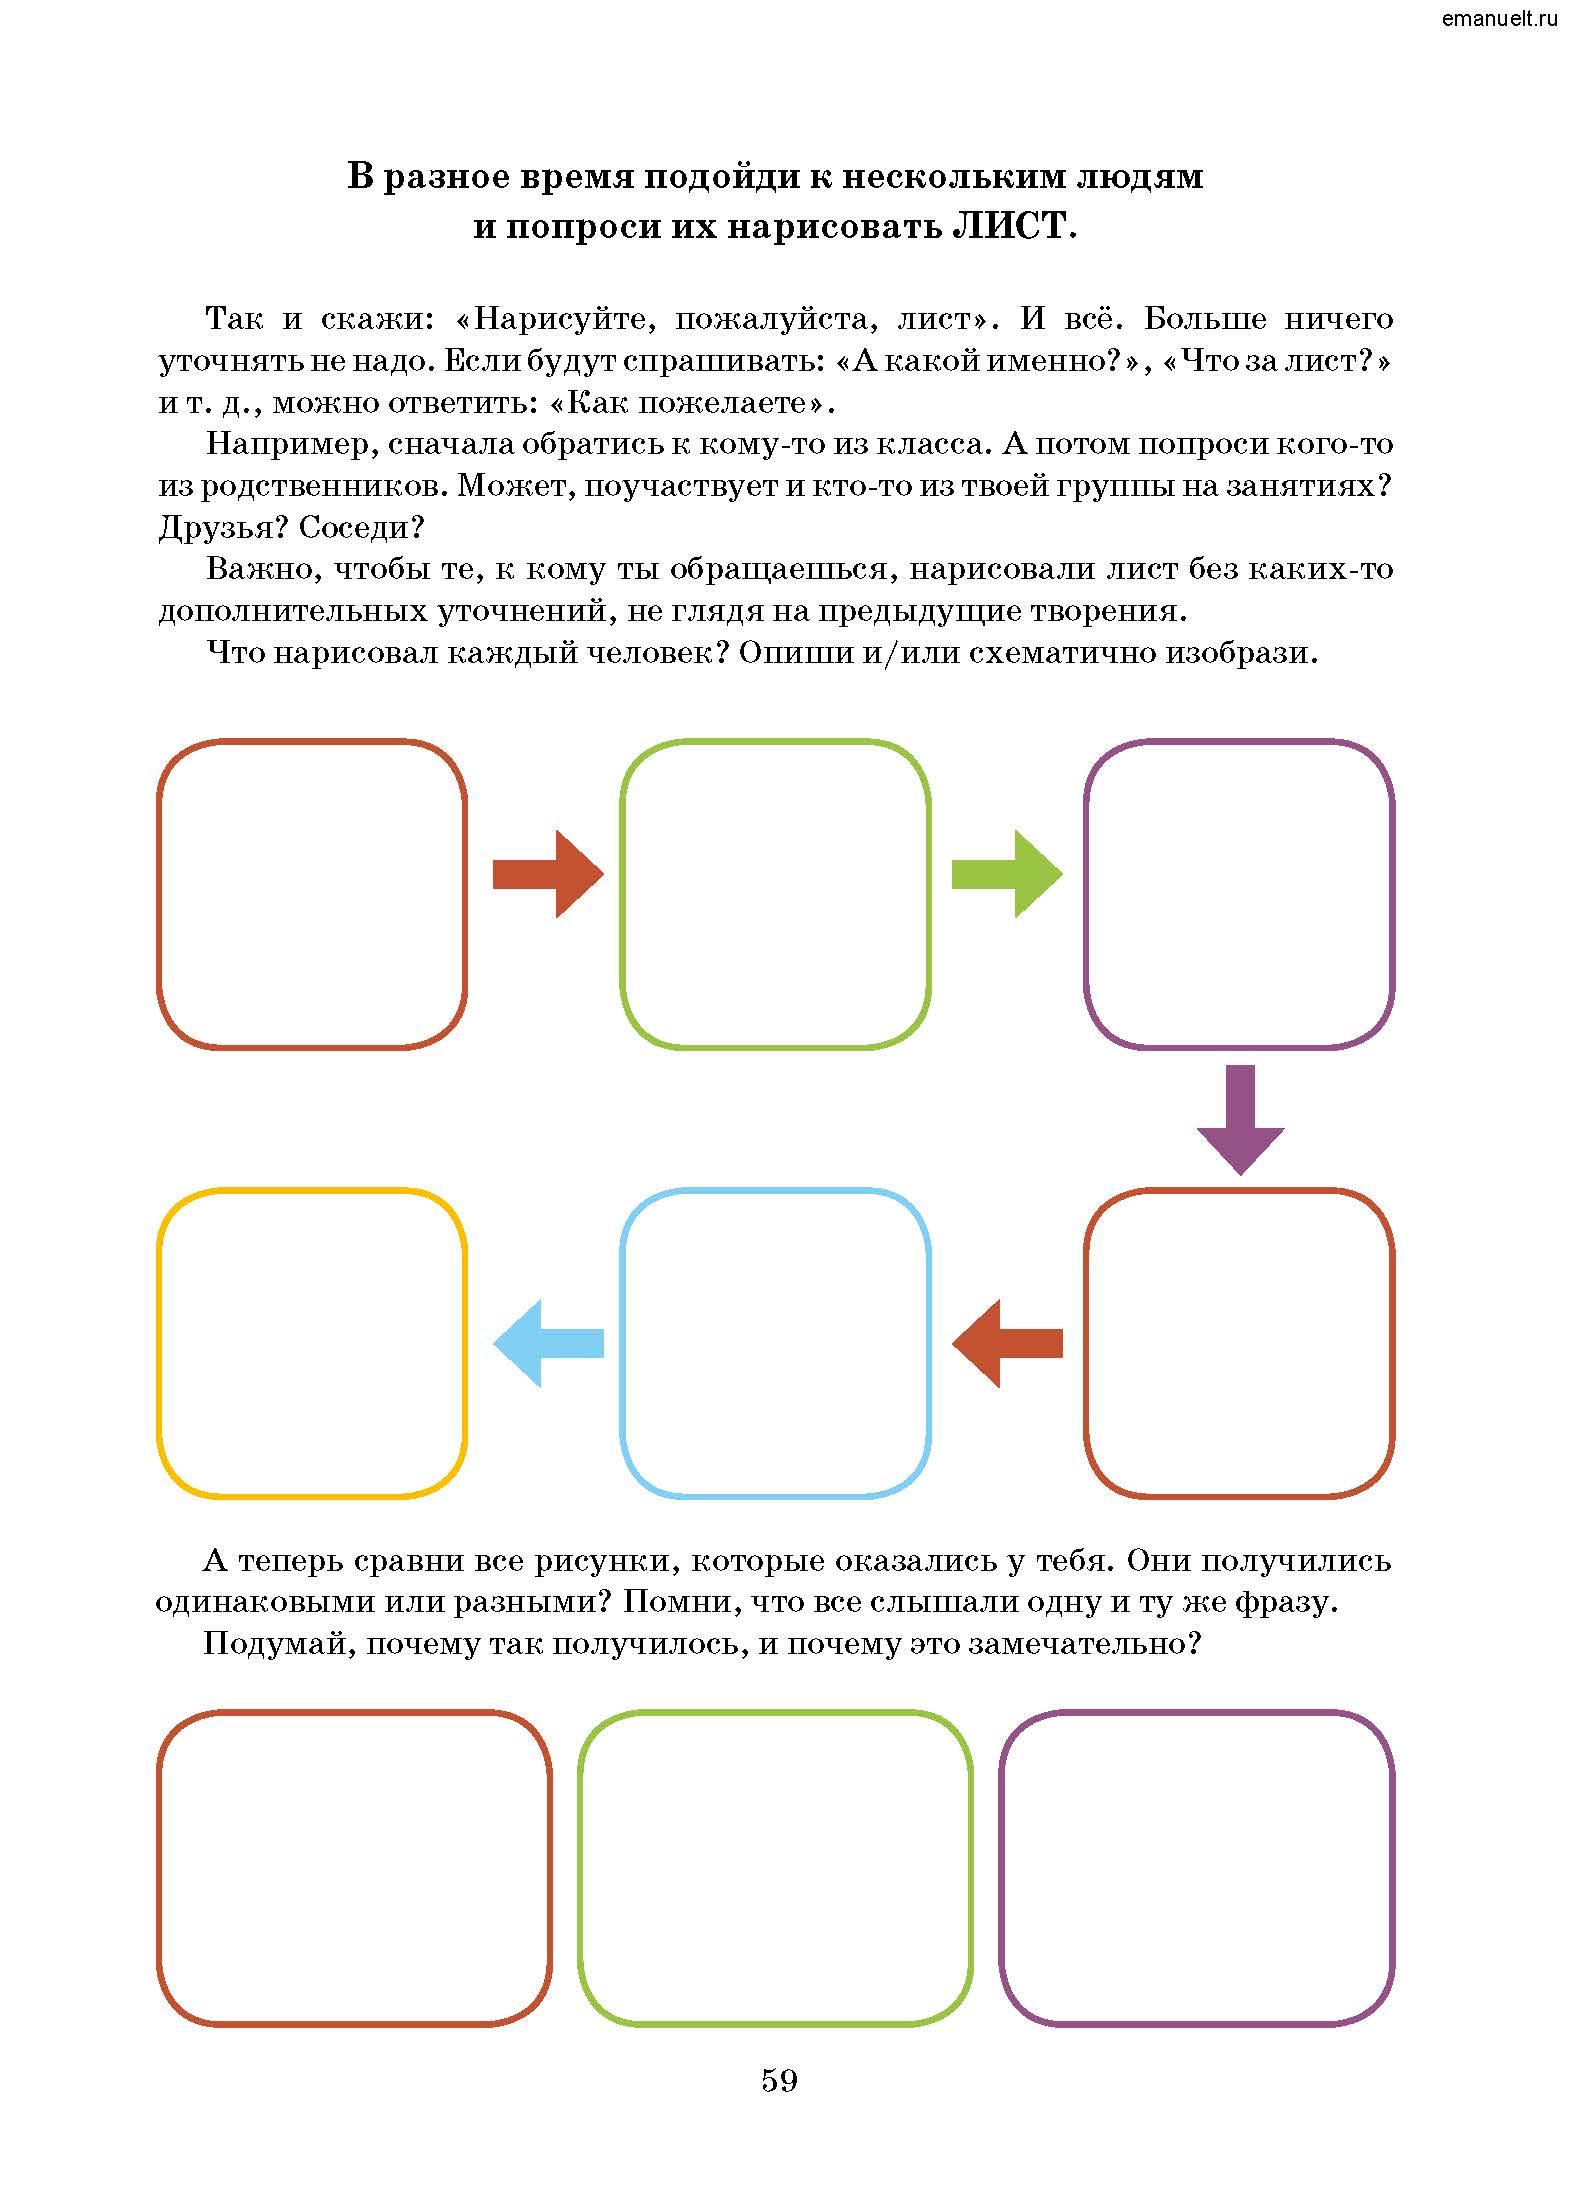 Рассказки в заданиях. emanuelt.ru_Страница_060